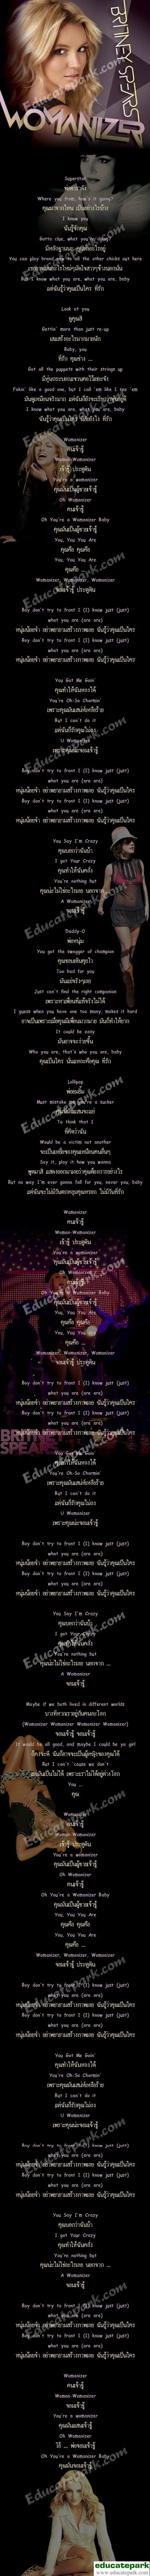 แปลเพลง Womanizer (Director's Cut) - Britney Spears